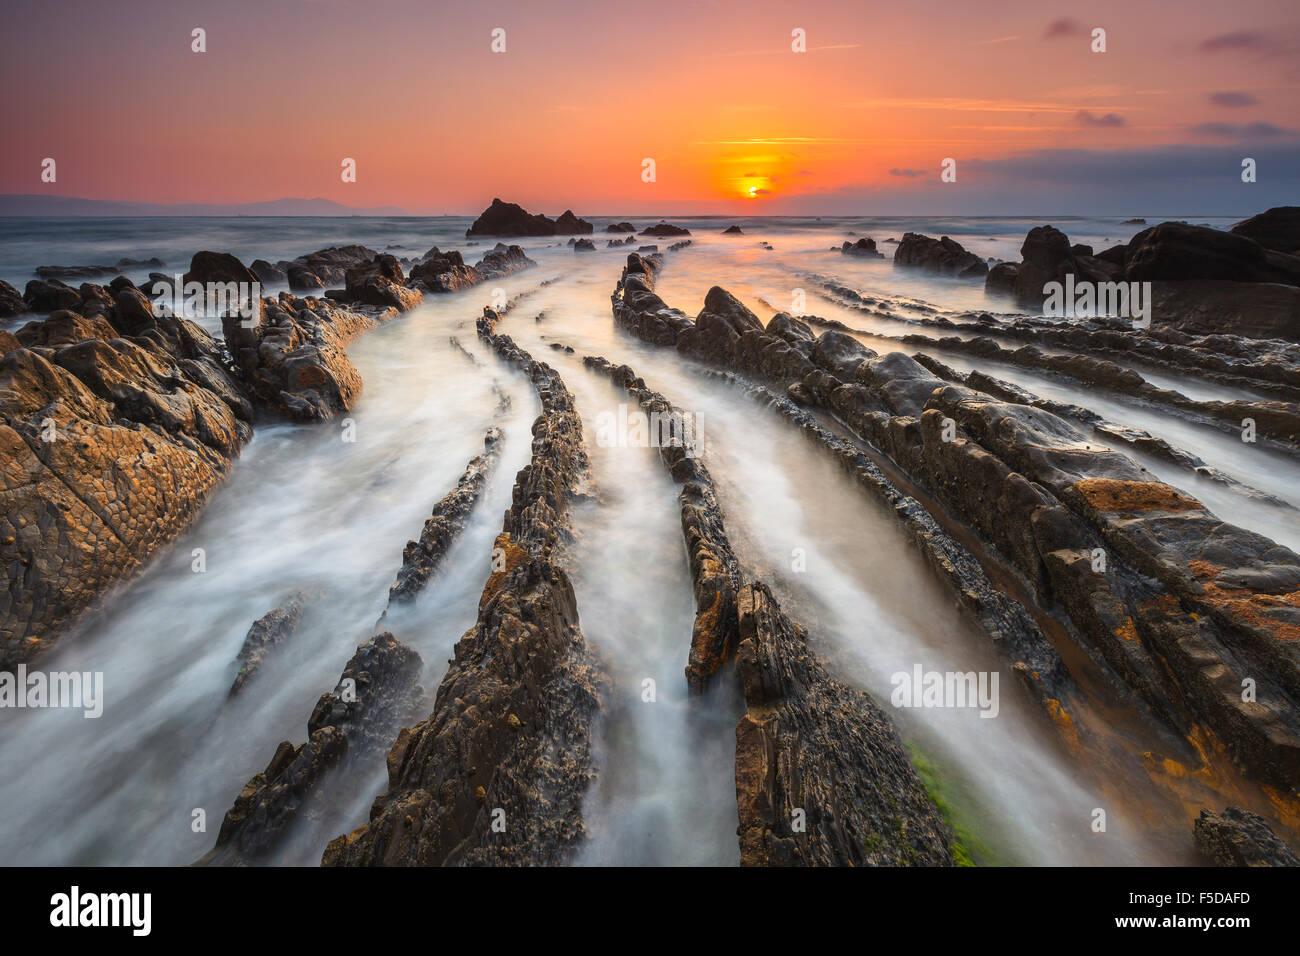 Der wunderbare Barrika Strand in Vizcaya, Baskenland, Spanien, bei Sonnenuntergang. Stockbild